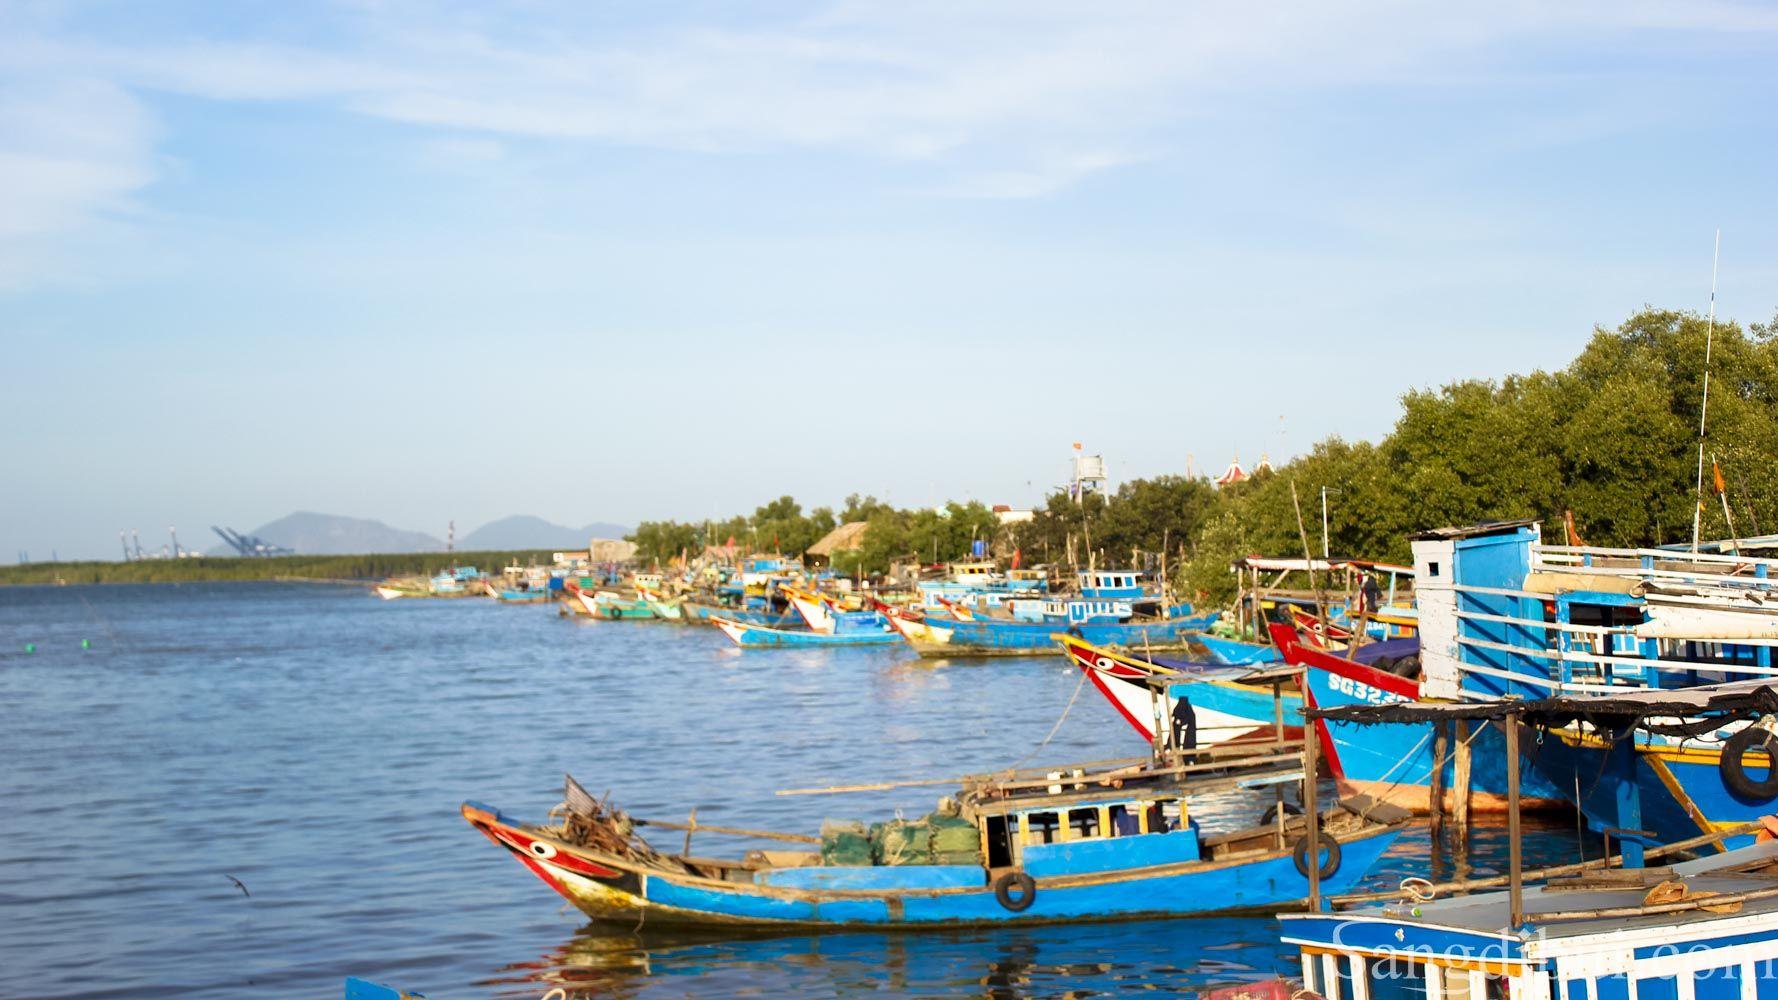 Đổi Gió Với Top 9 Địa Điểm Picnic Cuối Tuần Gần Sài Gòn 24